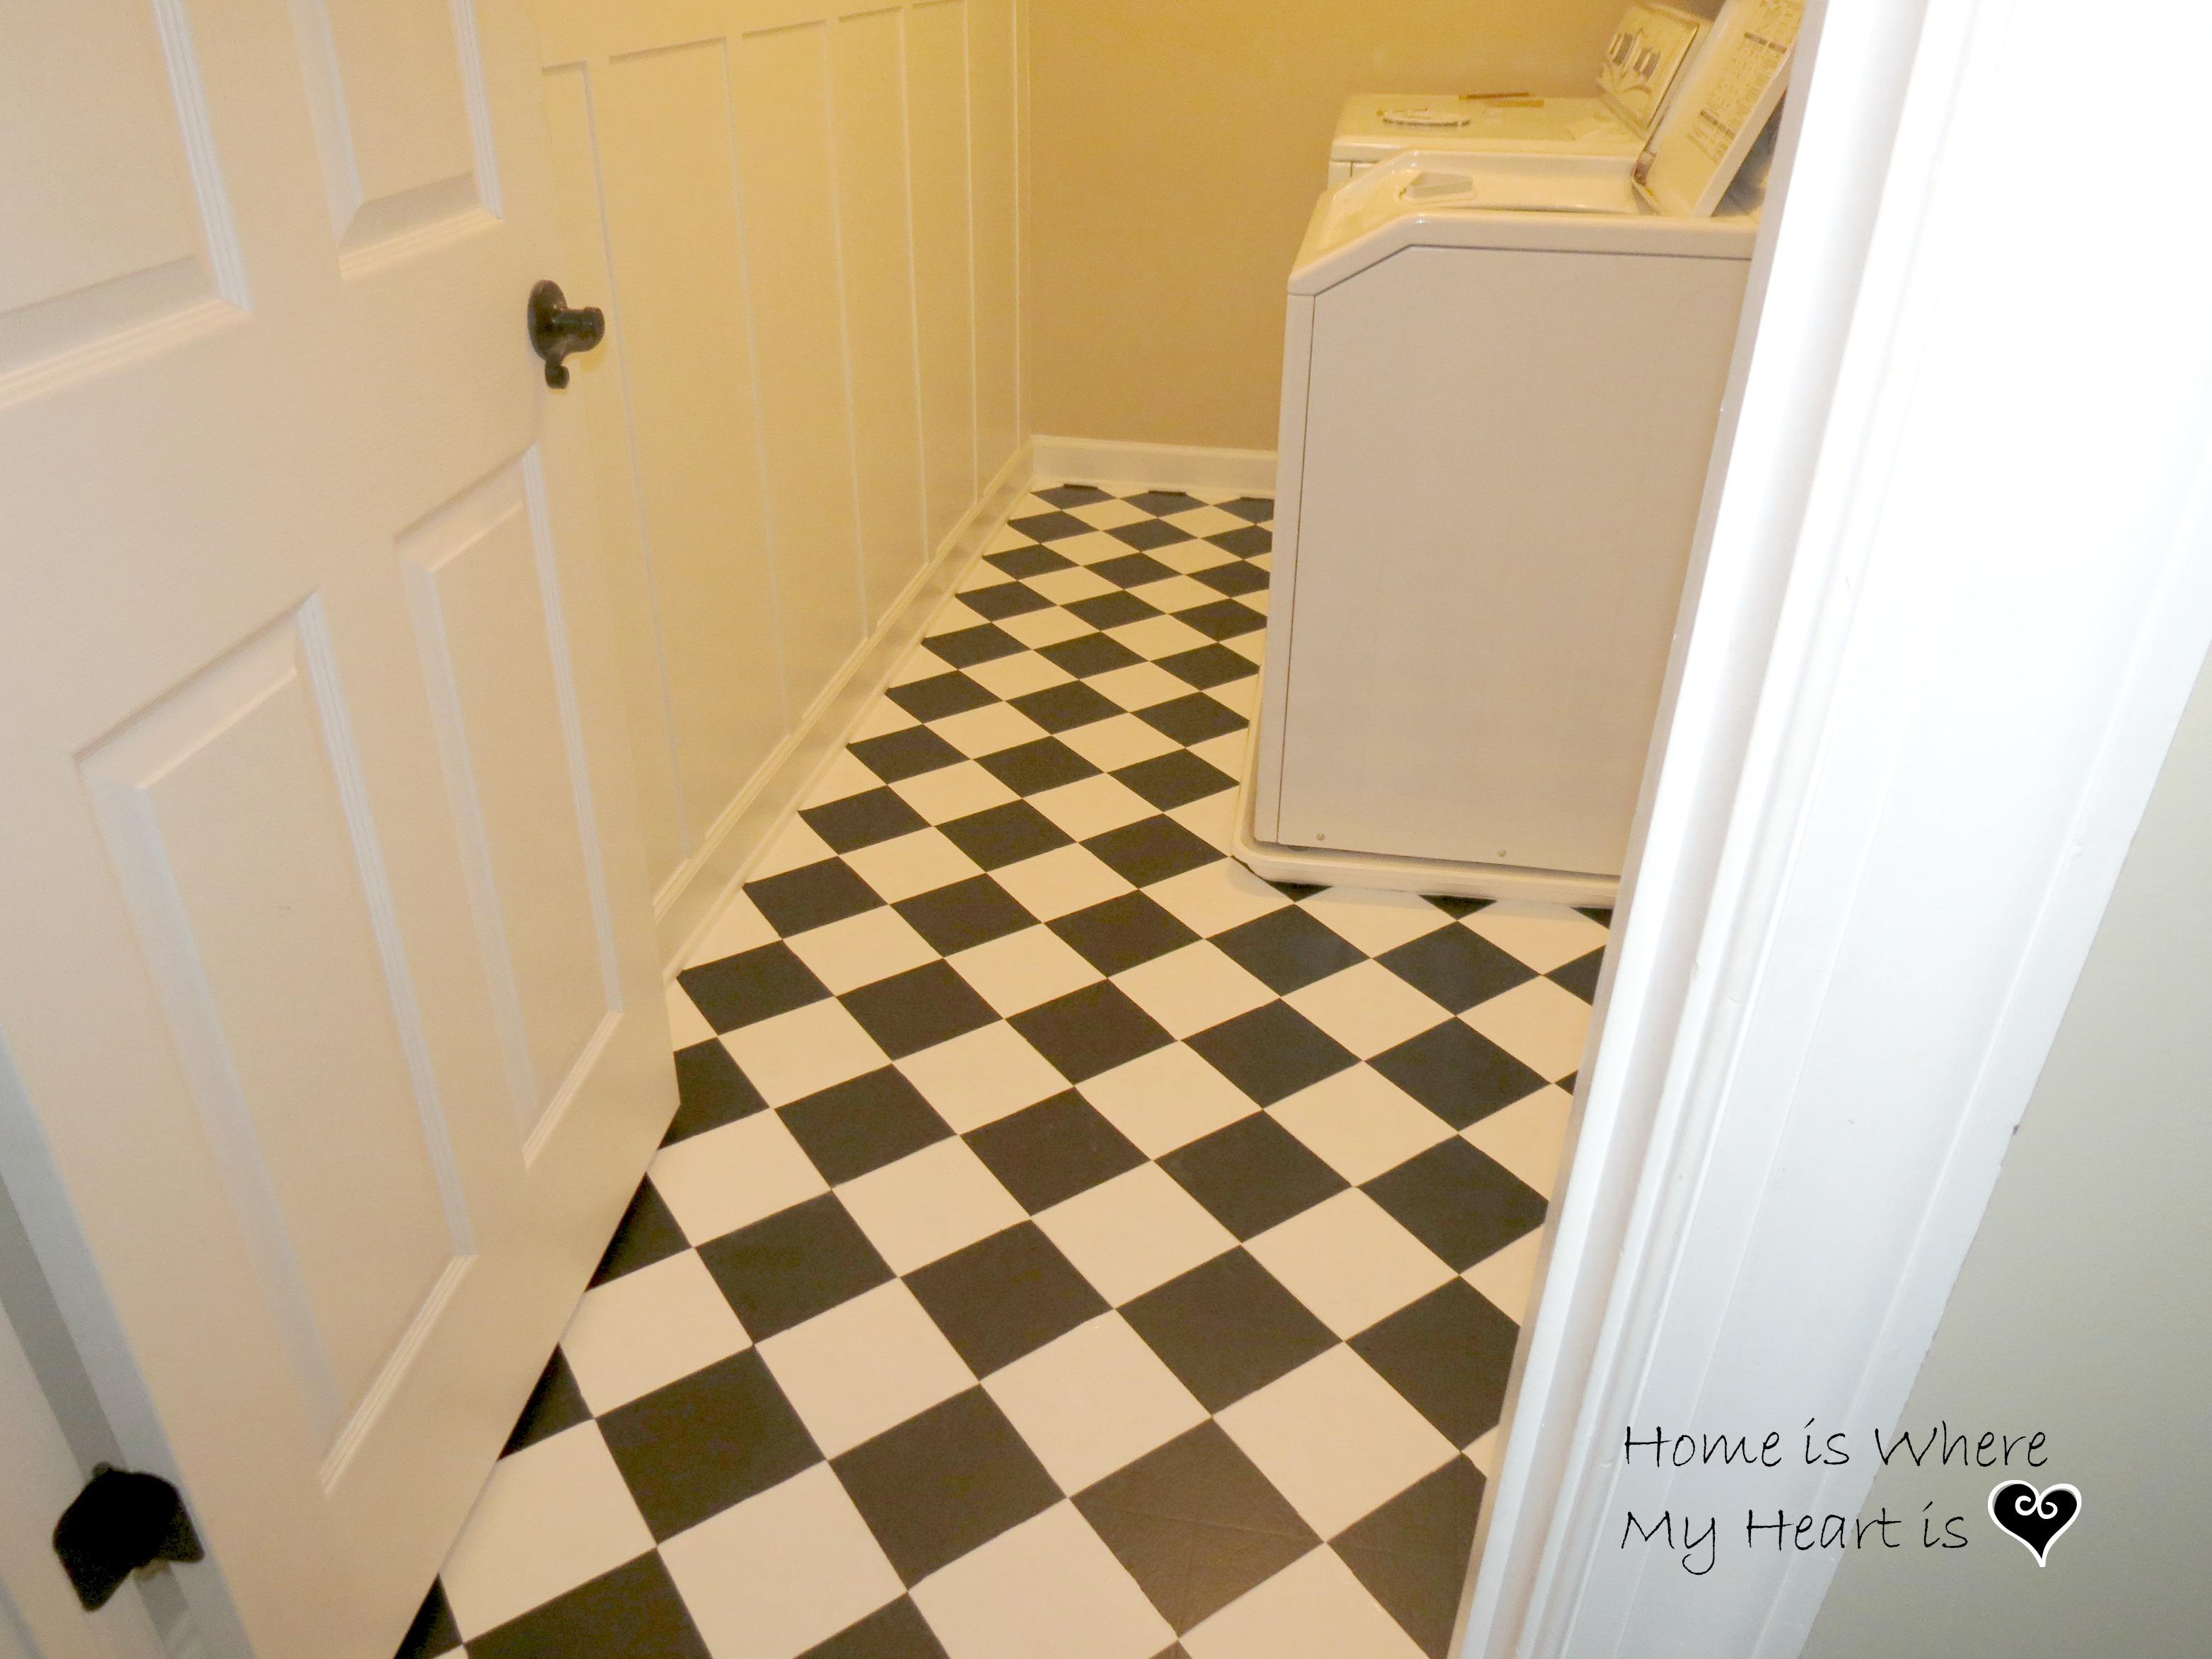 painting linoleum floors. Black Bedroom Furniture Sets. Home Design Ideas